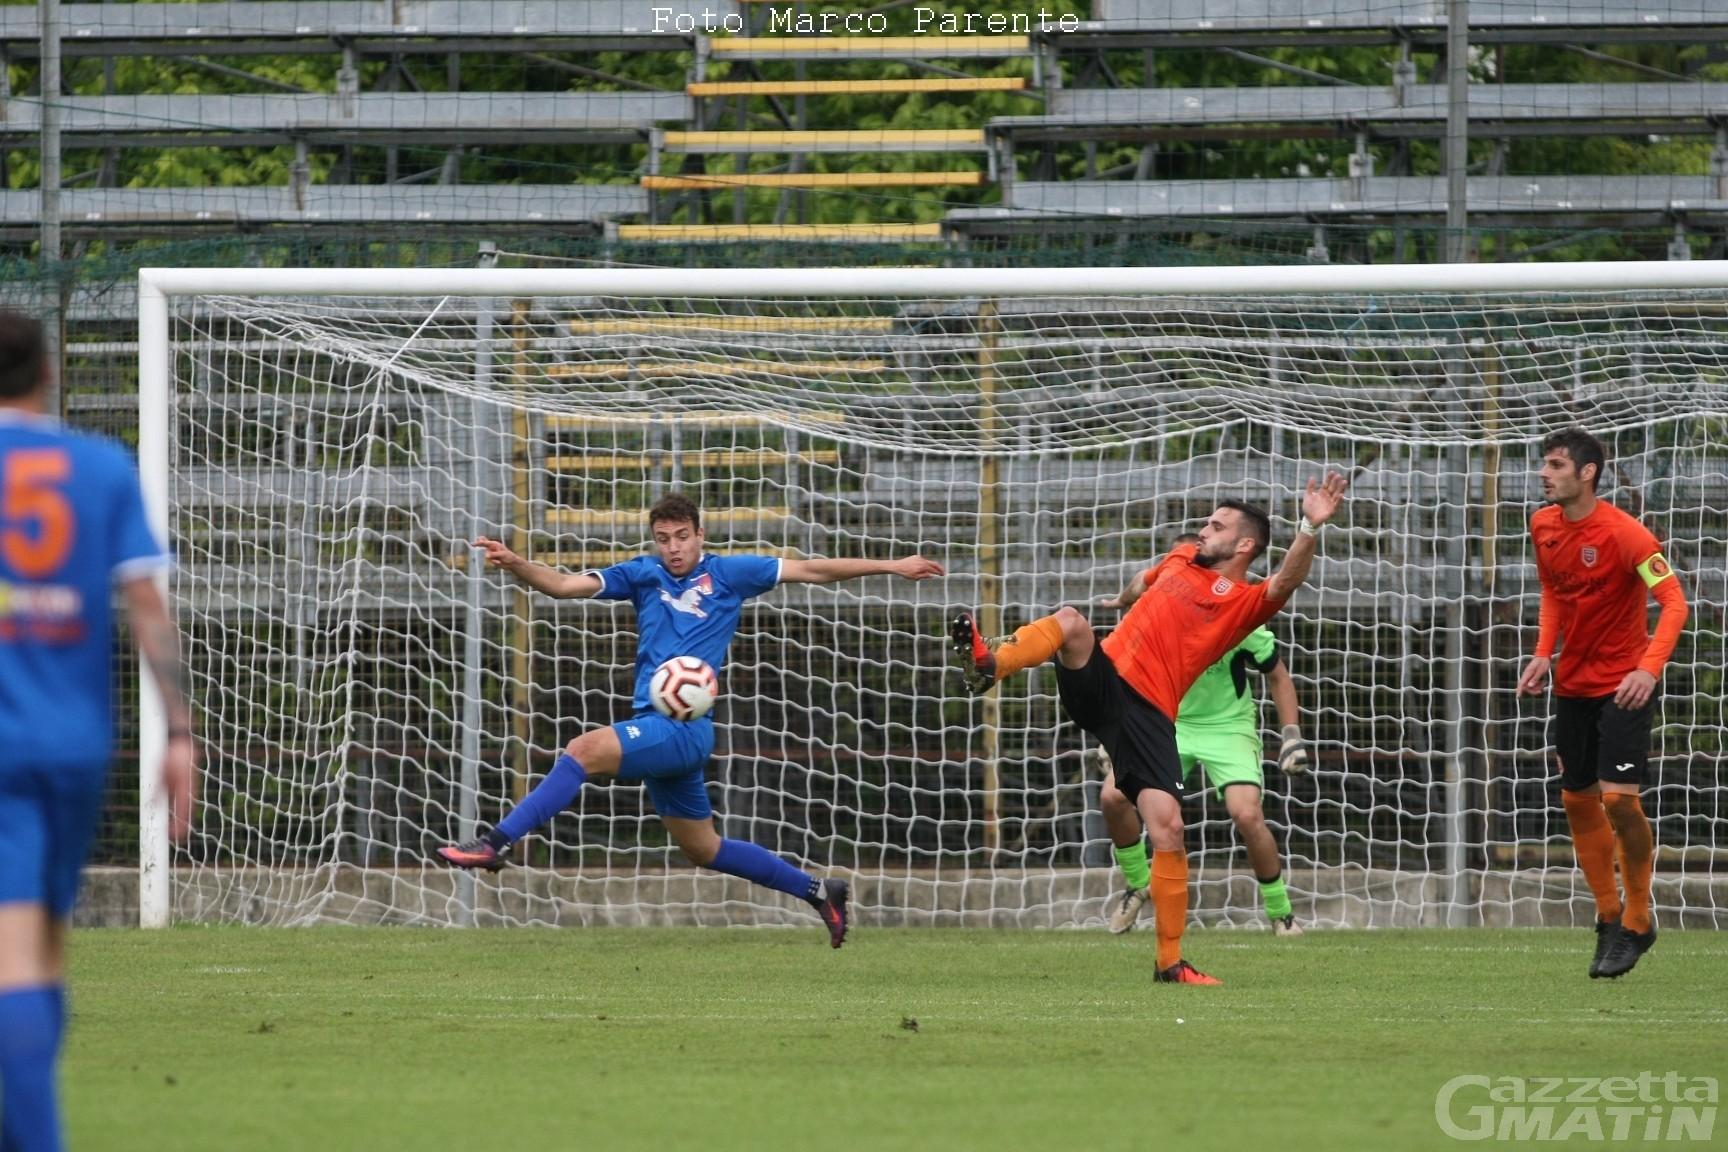 Calcio: dura sconfitta a Mestre per il P.D.H.A.